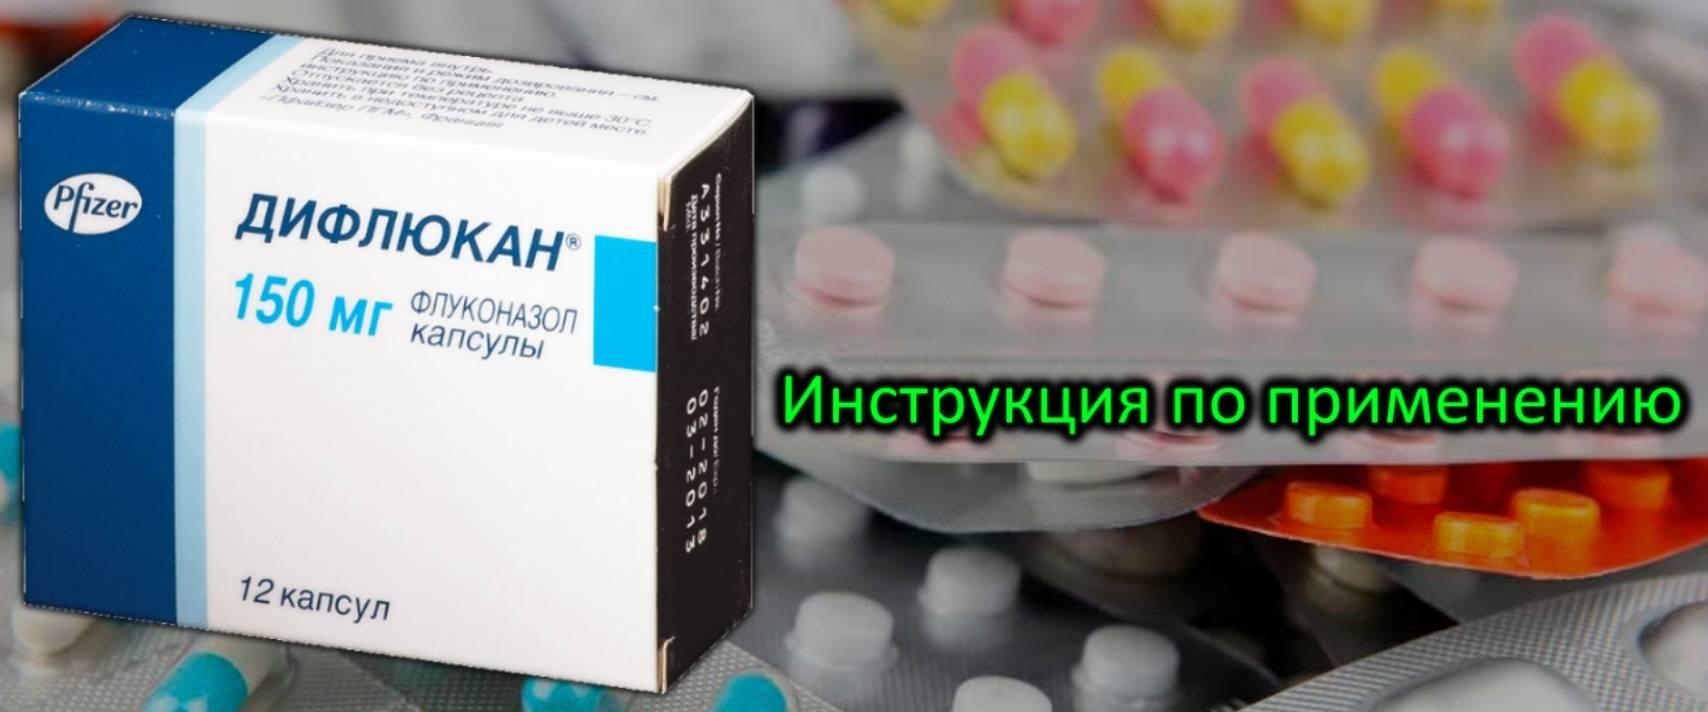 Лечение молочницы (кандидоза) после приема антибиотиков, причины и лечение